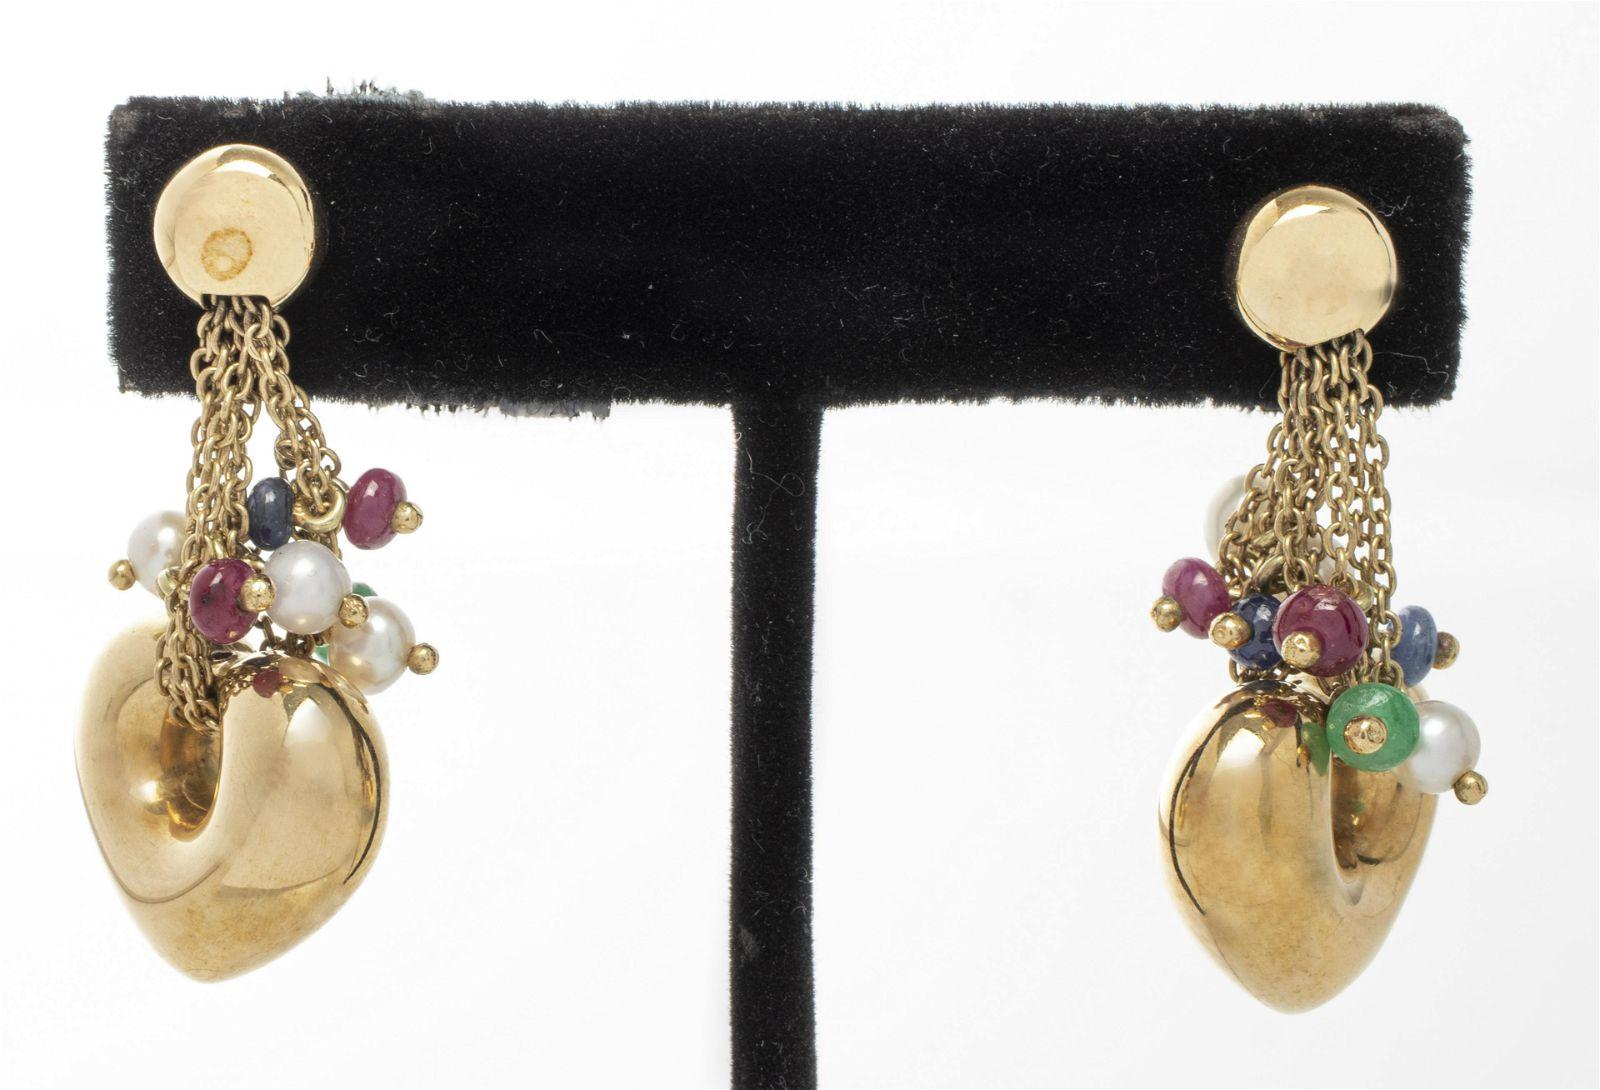 14K Ruby, Sapphire, Emerald & Pearl Heart Earrings